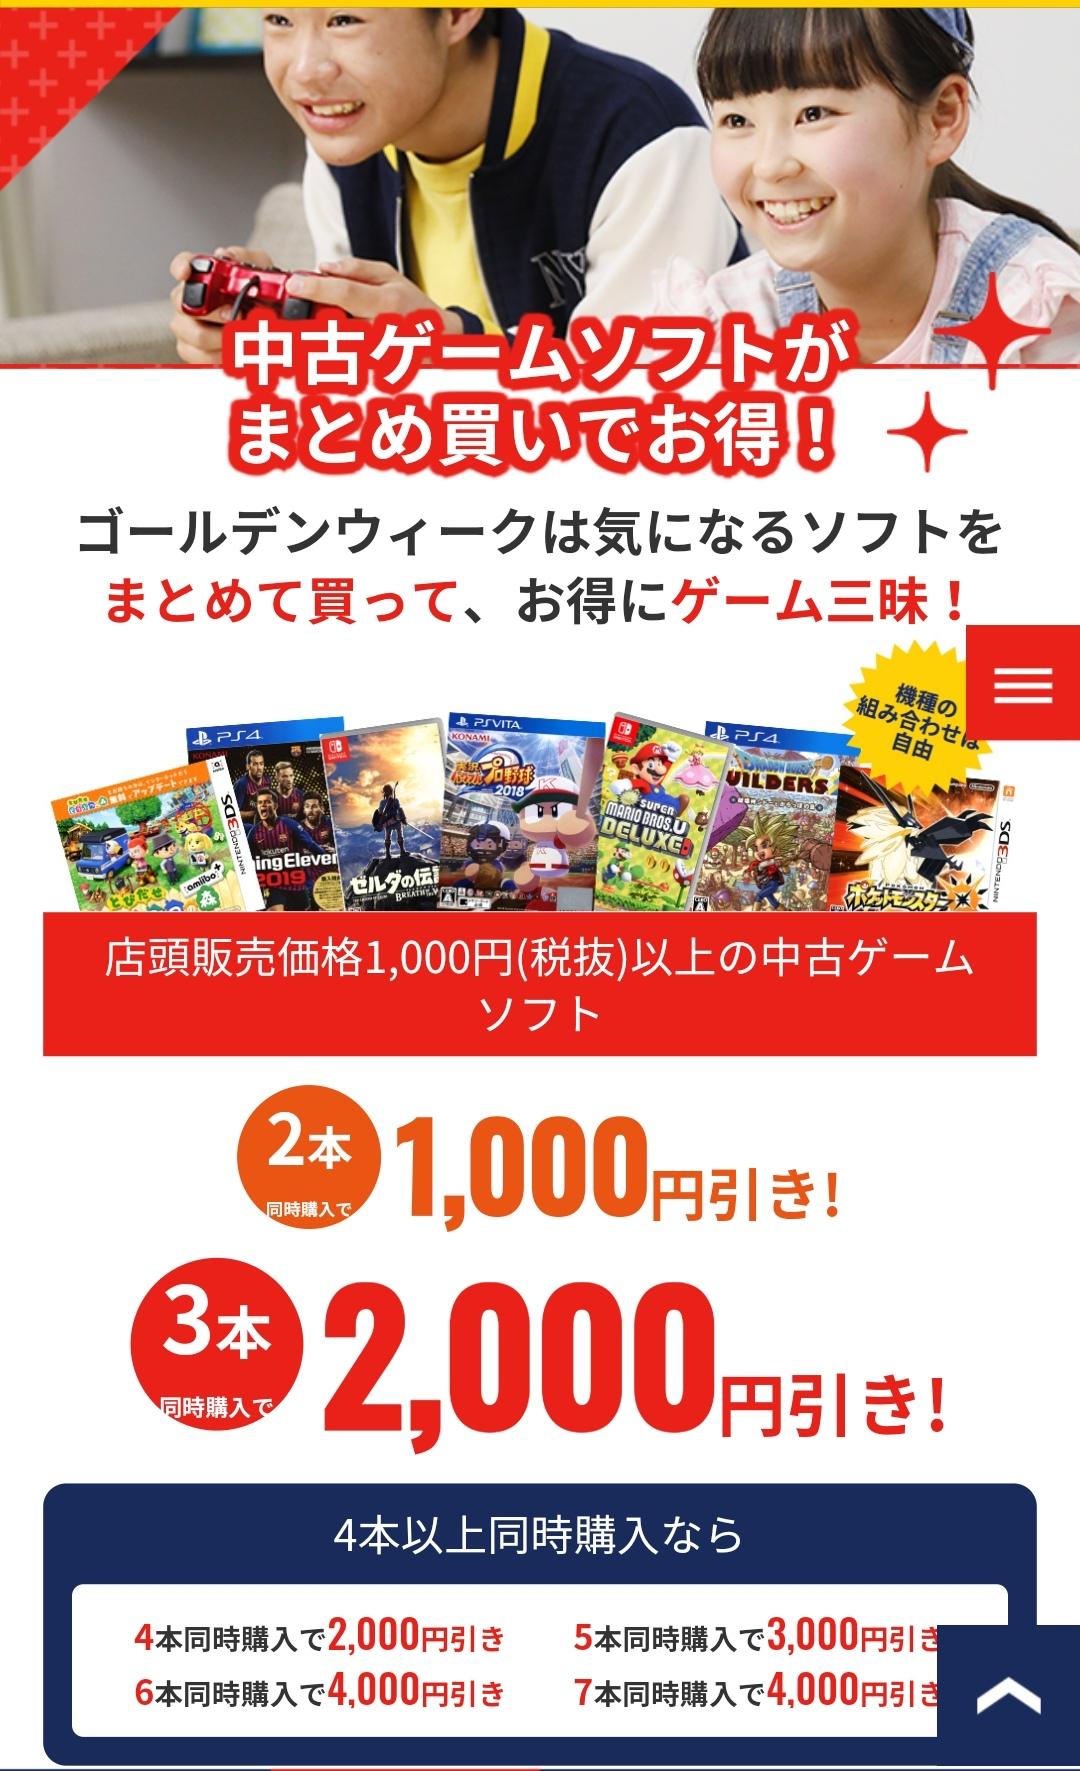 eDY1M6y - 【朗報】PS Storeで90%オフのGWセール開催!売り切れる前に急げ!👿